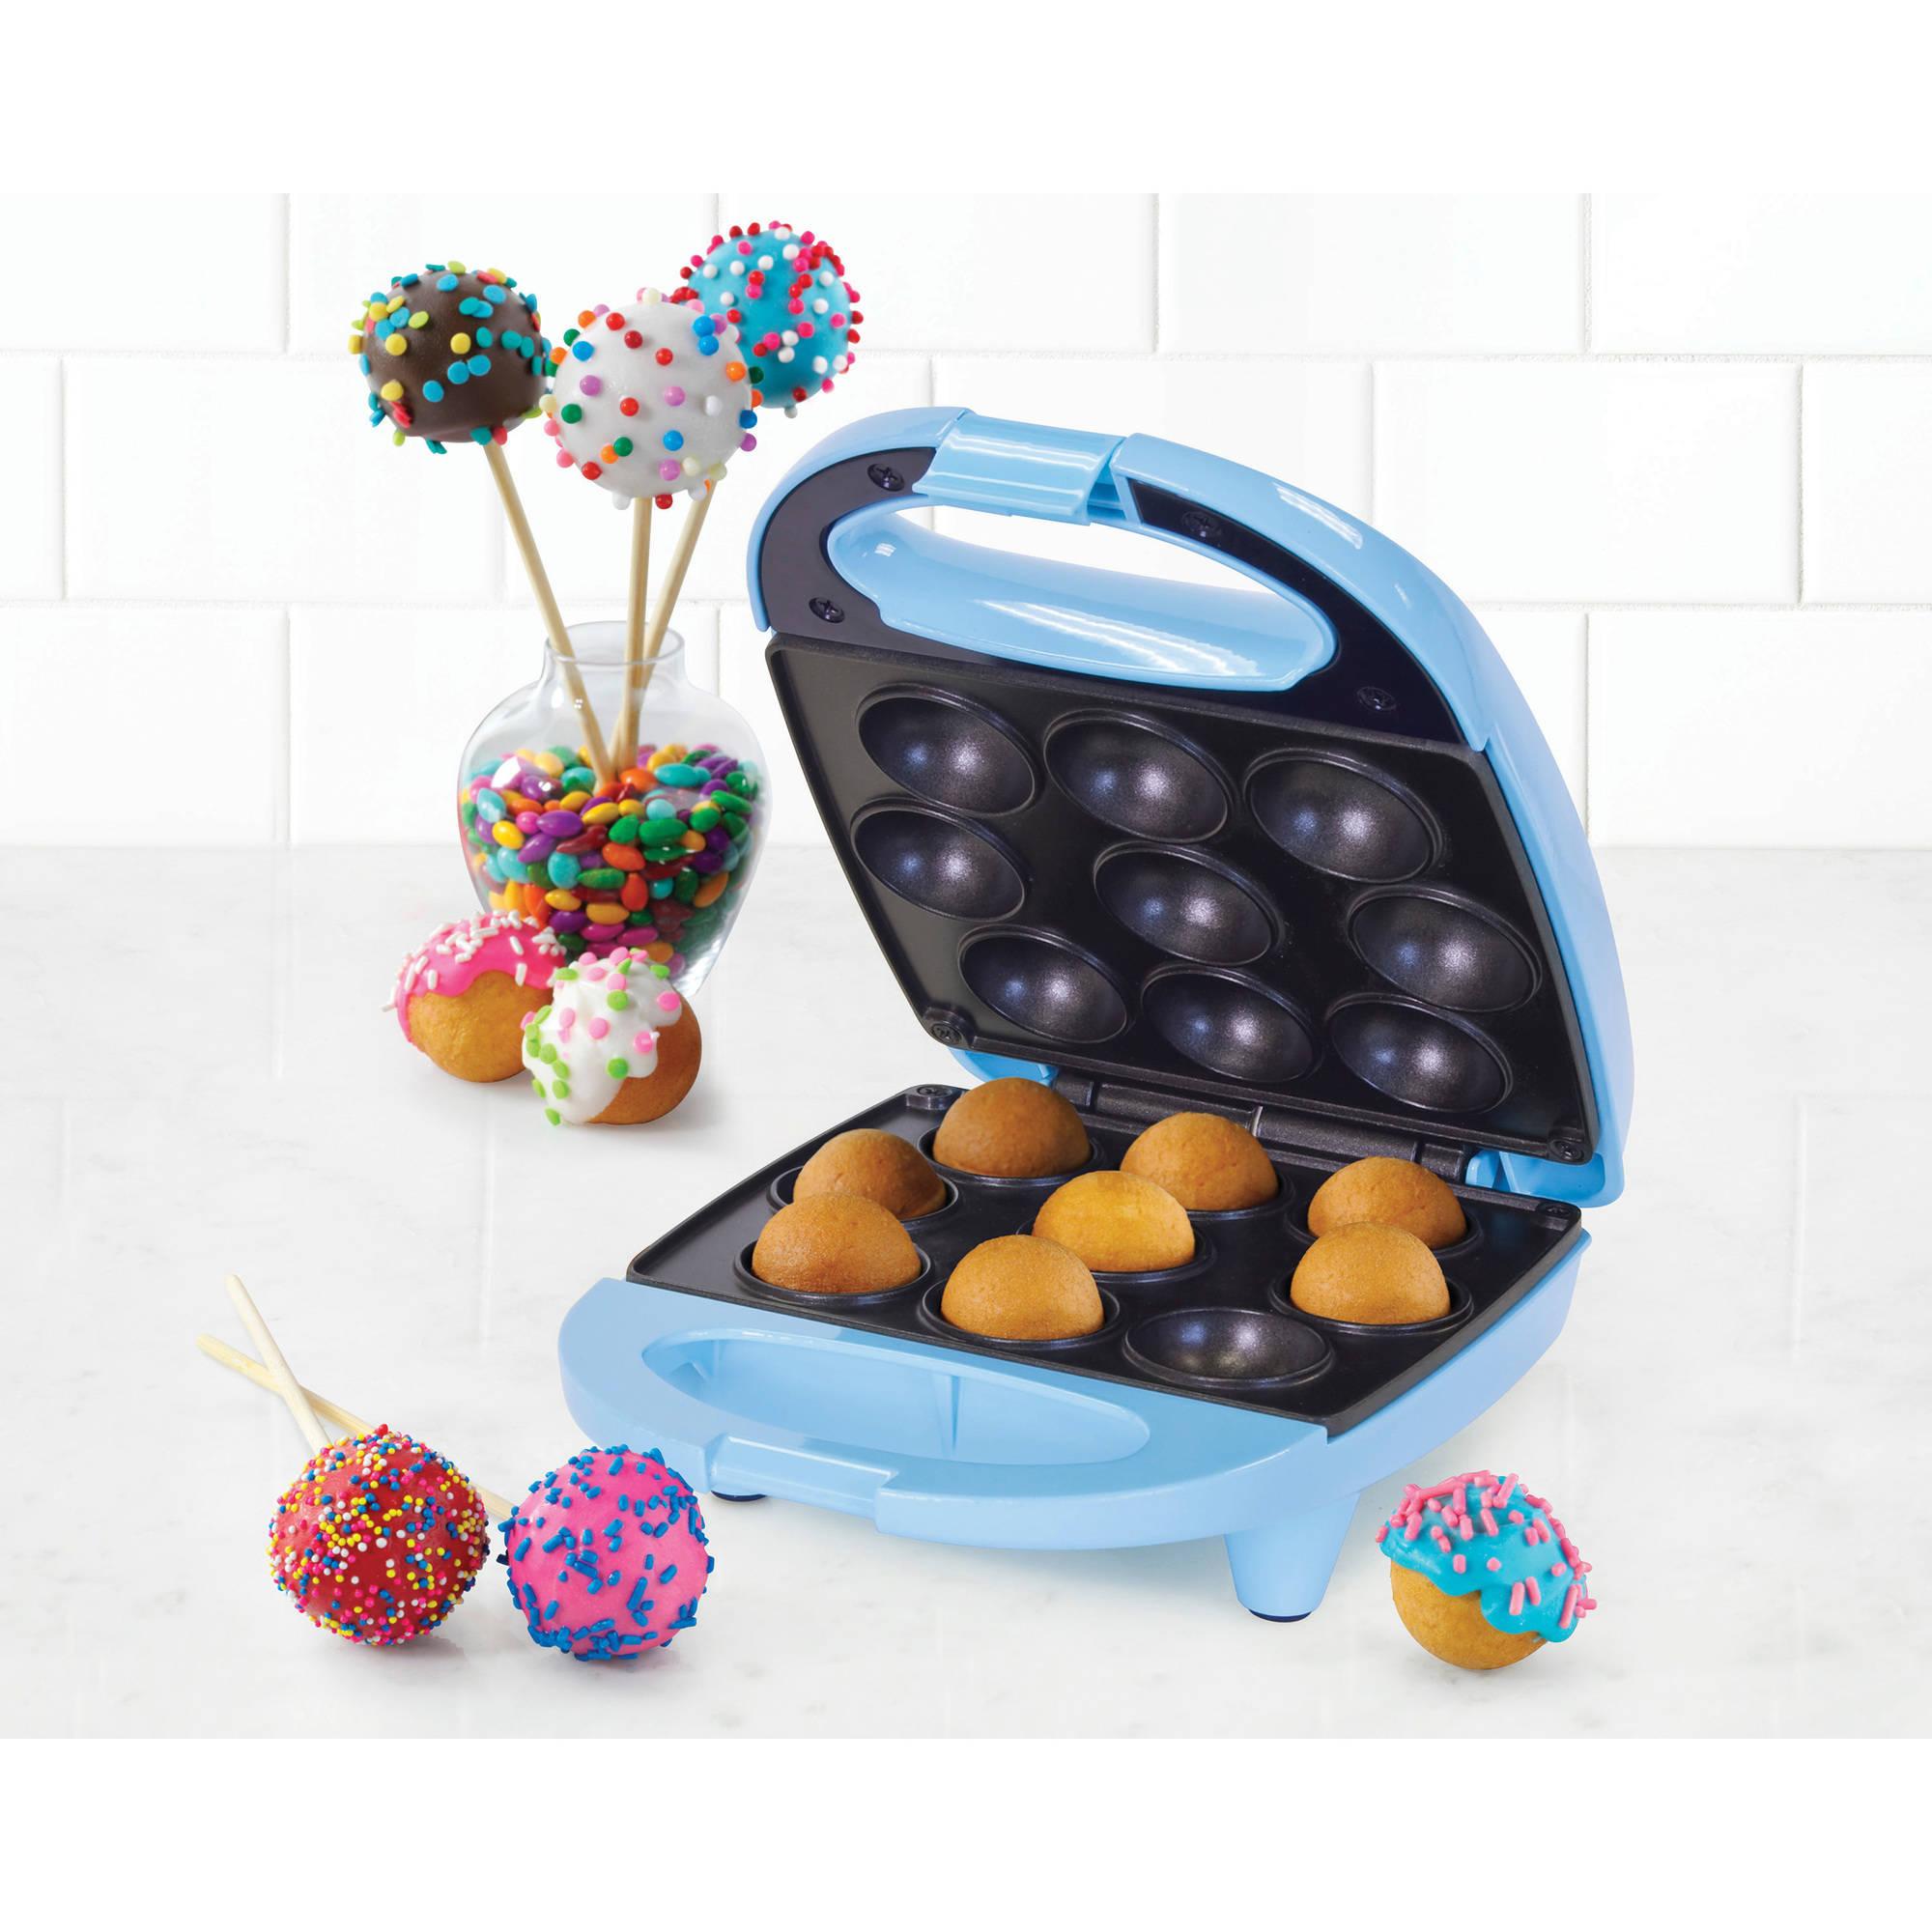 Nostalgia CPB400 Cake Pop Maker